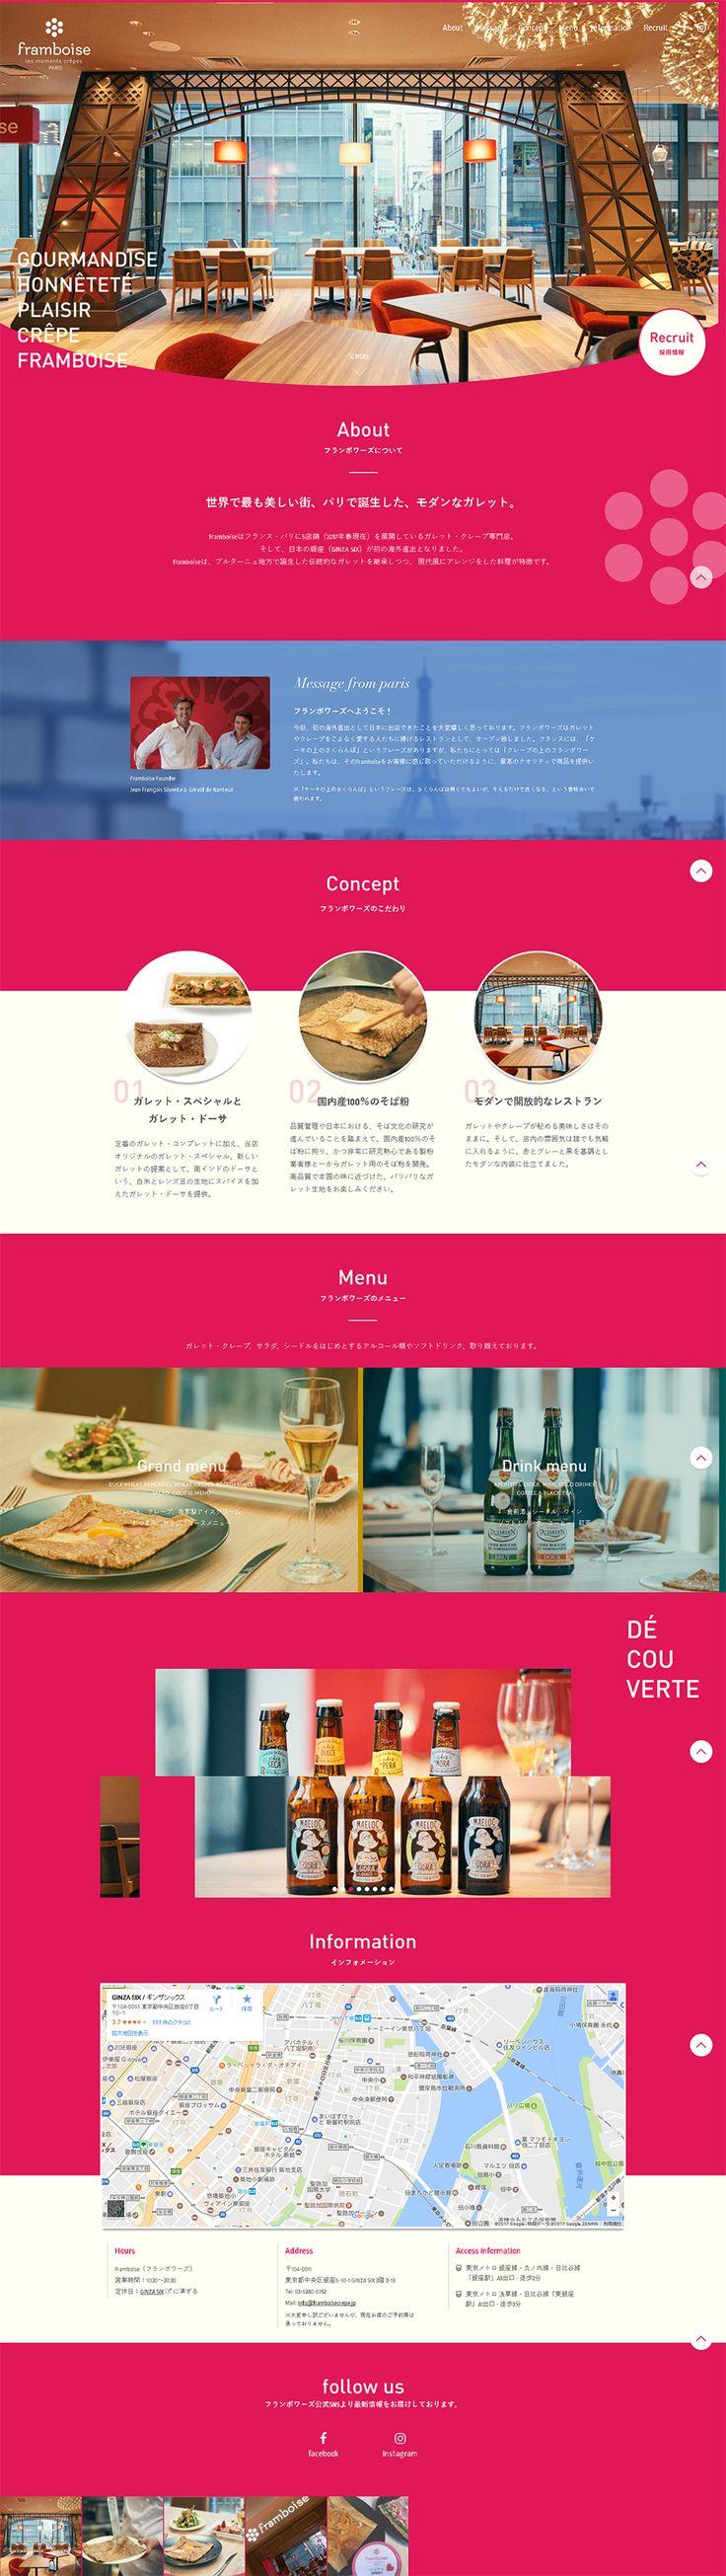 ガレット&クレープ専門店Framboise(フランボワーズ) WEBデザイナーさん必見!ランディングページのデザイン参考に(シンプル系)